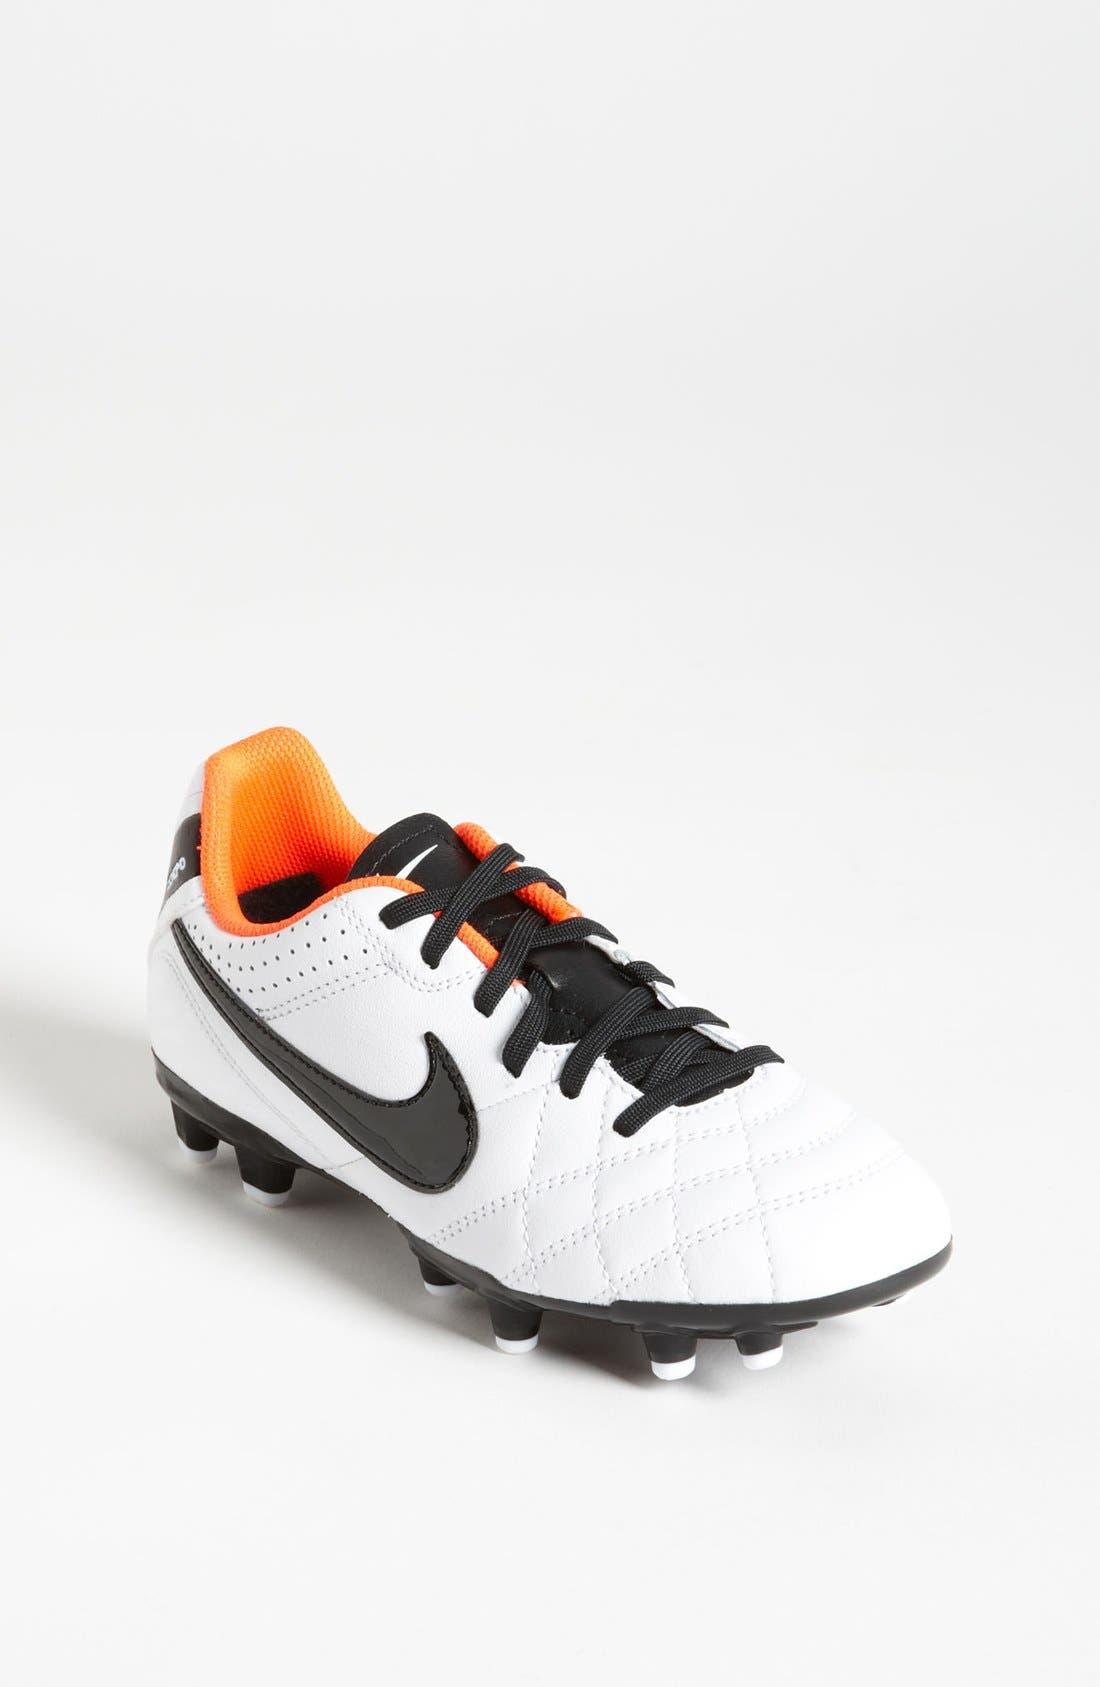 Alternate Image 1 Selected - Nike 'Tiempo Natural IV Jr.' Soccer Shoe (Little Kid & Big Kid)